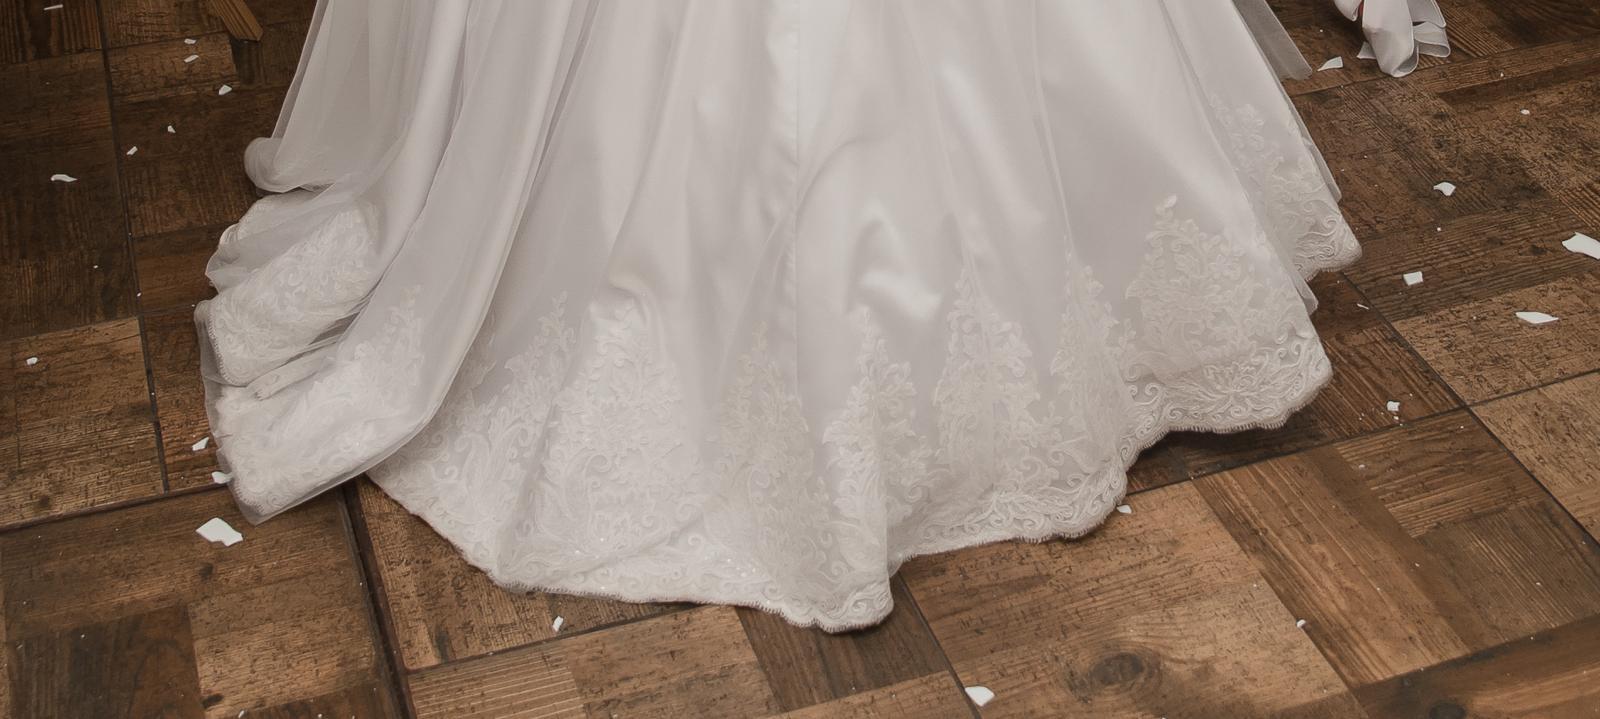 Svadobné šaty veľkosť 36-38  - Obrázok č. 2